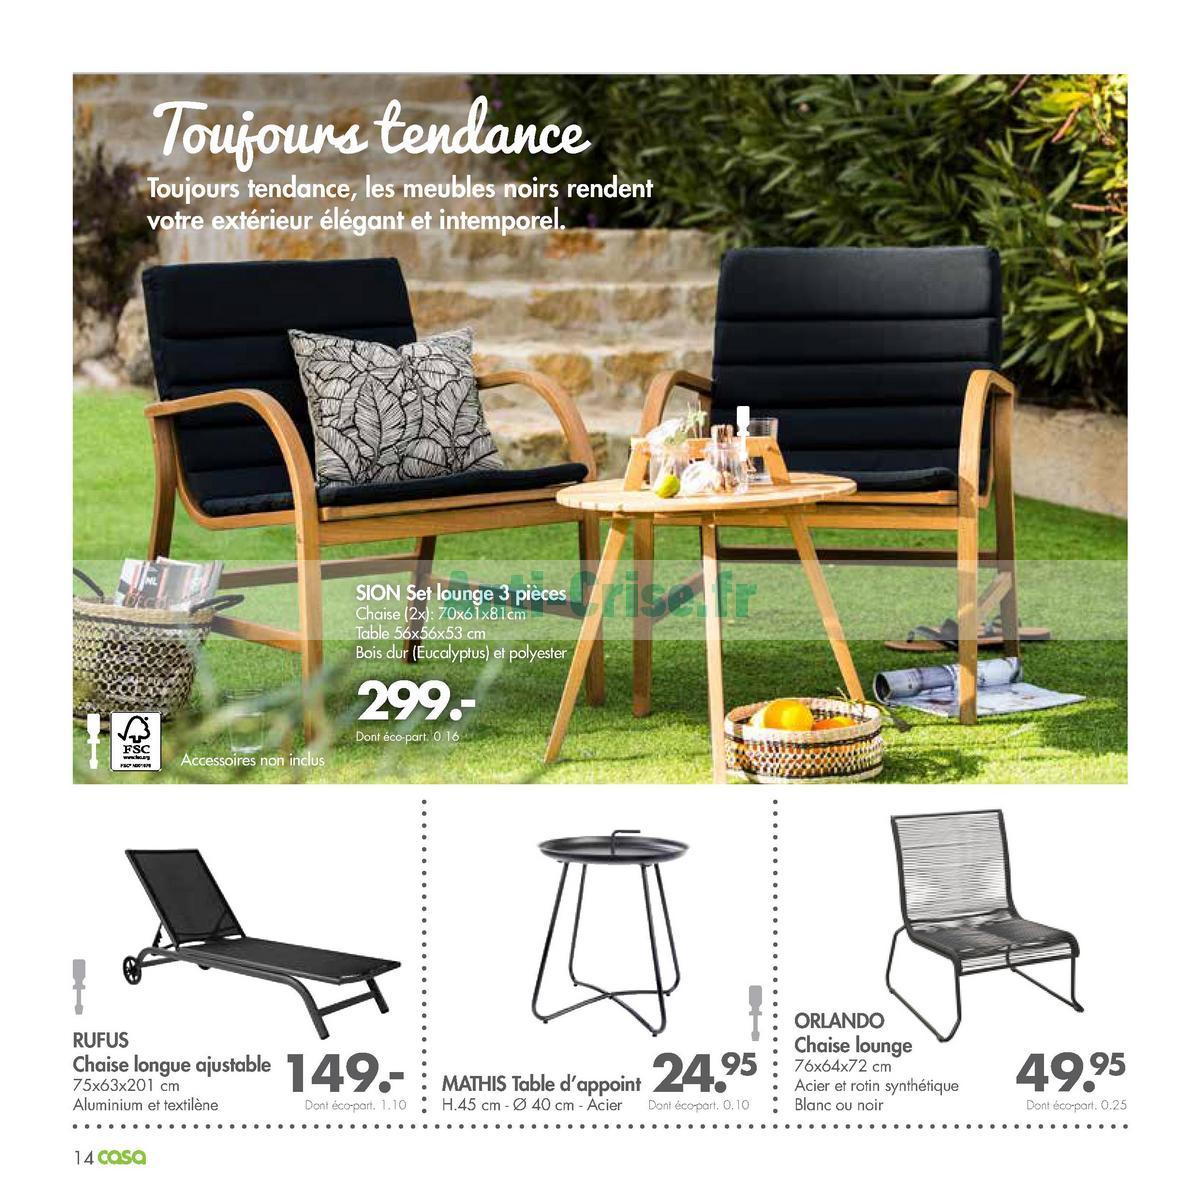 septembre2018 Catalogue Casa du 21 mai au 30 septembre 2018 (14)